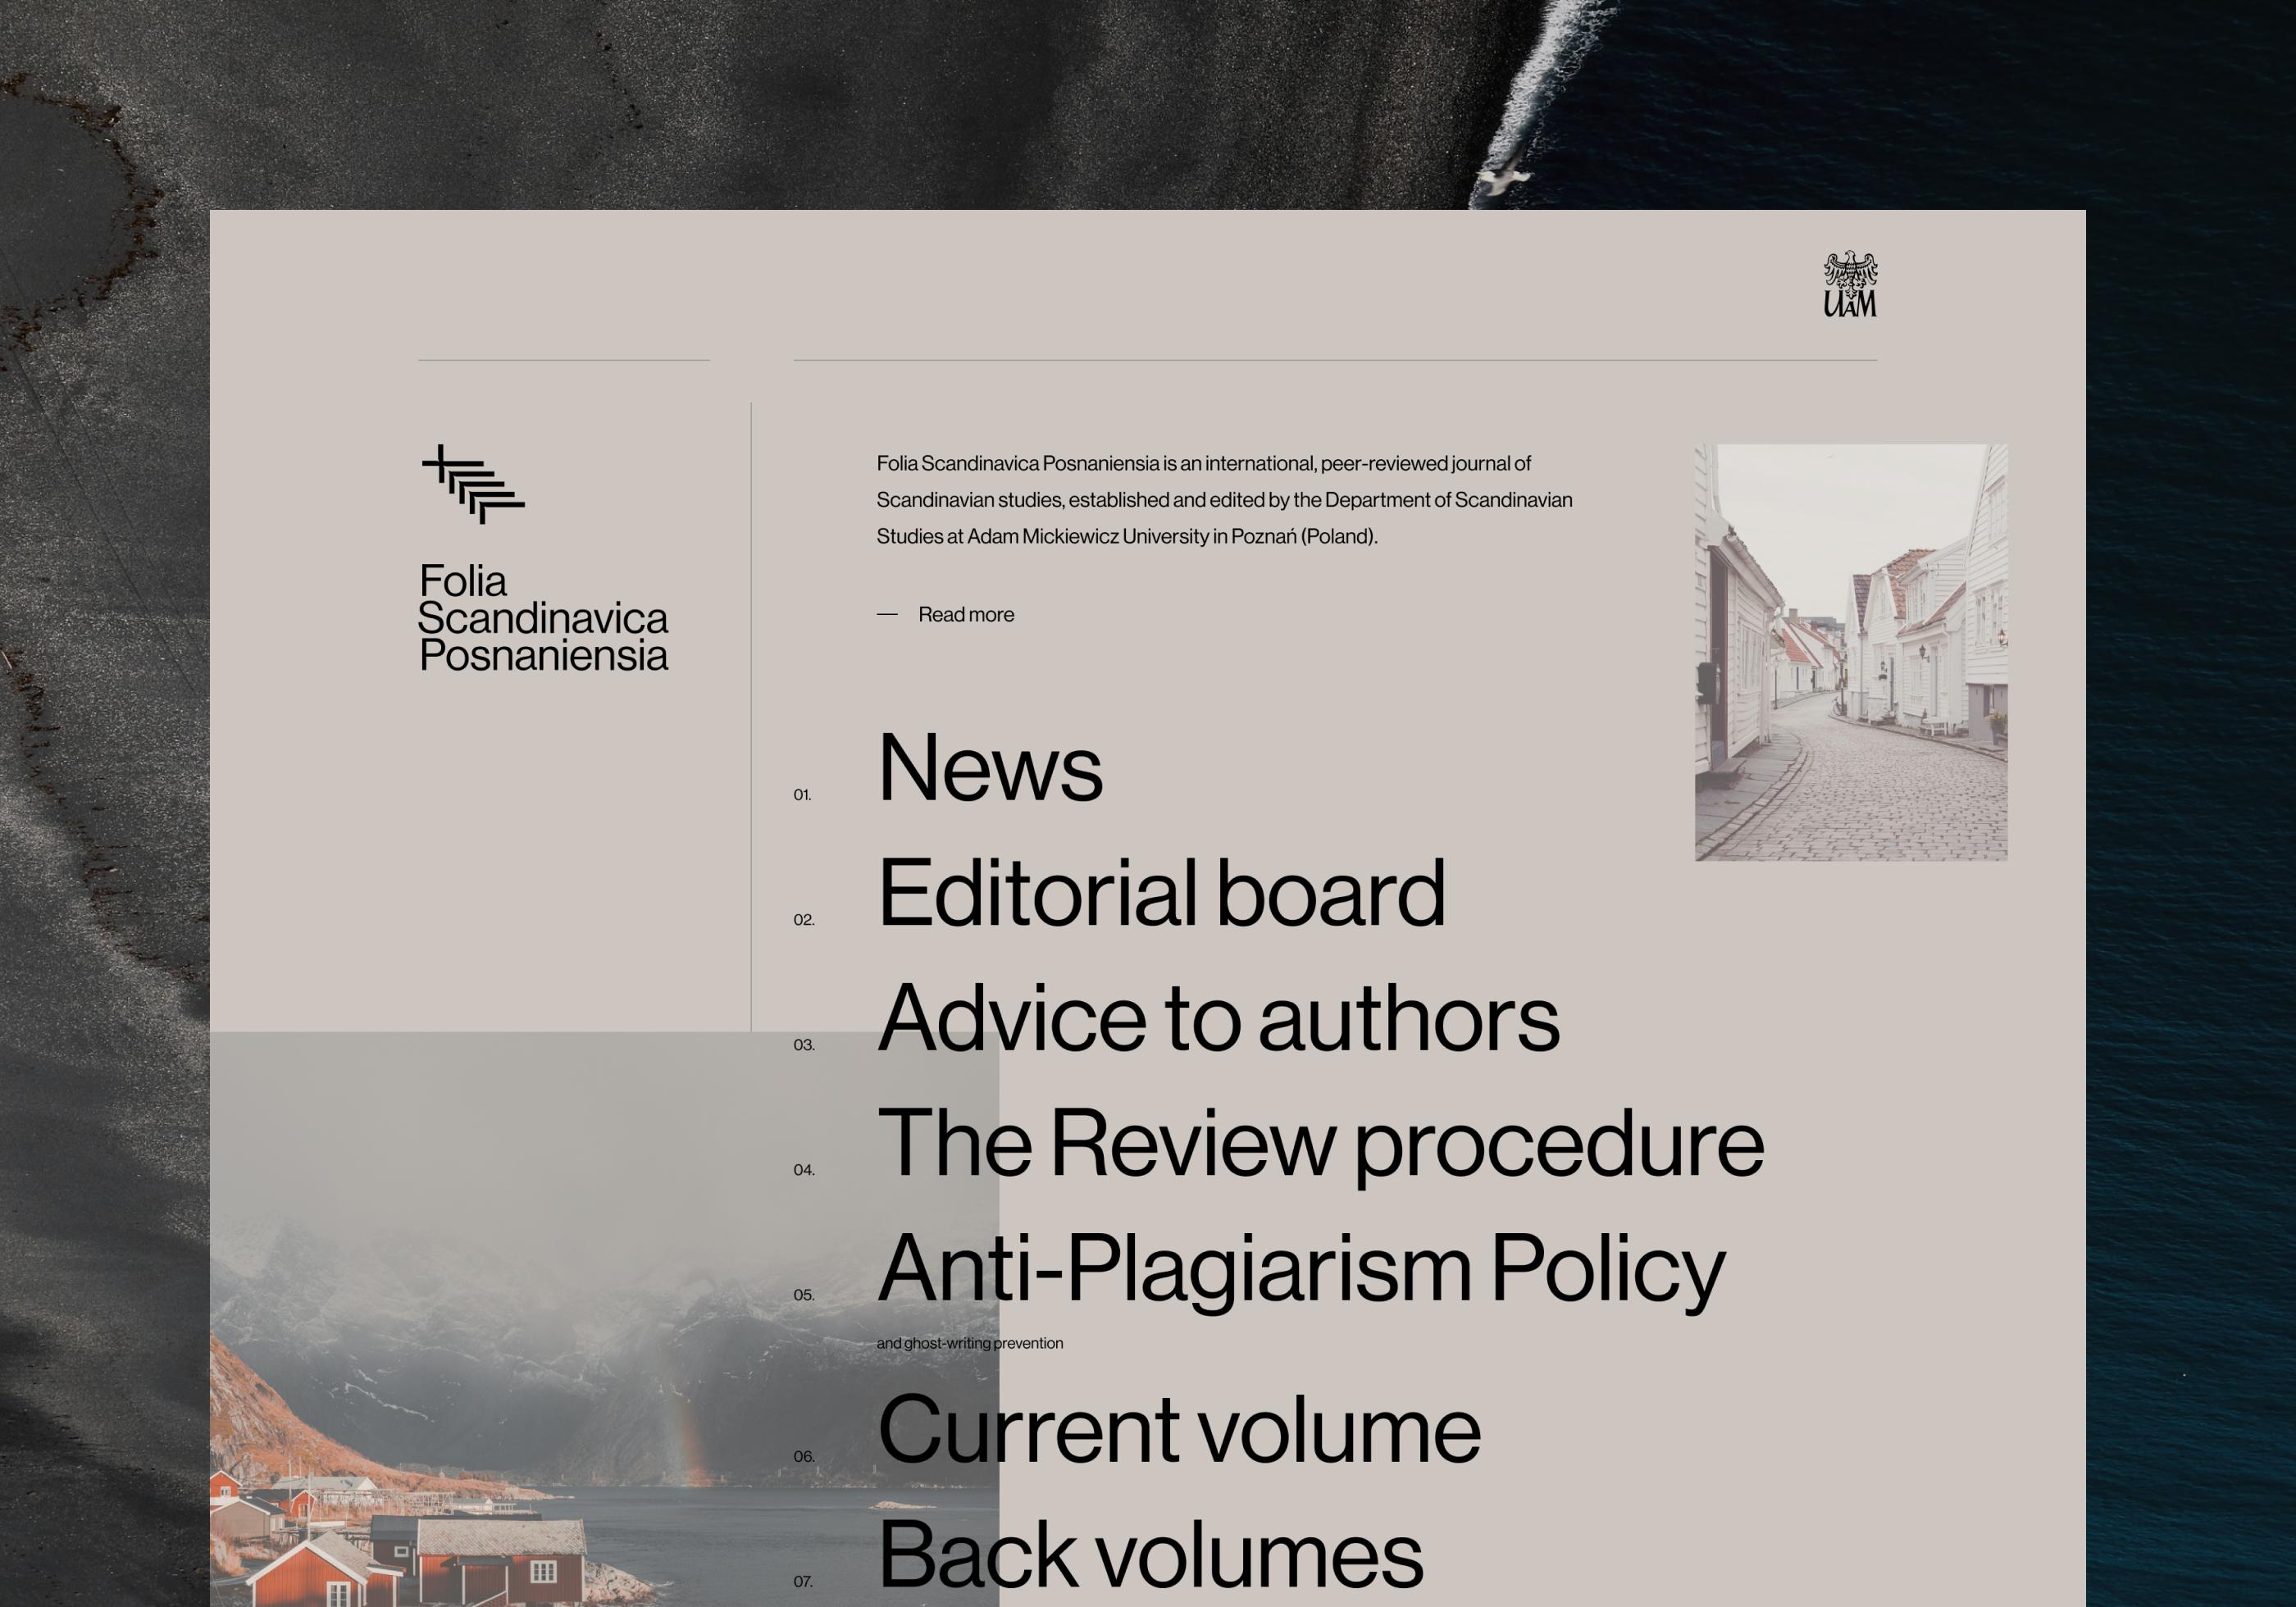 Homepage design - Folia Scandinavica Posnaniensia